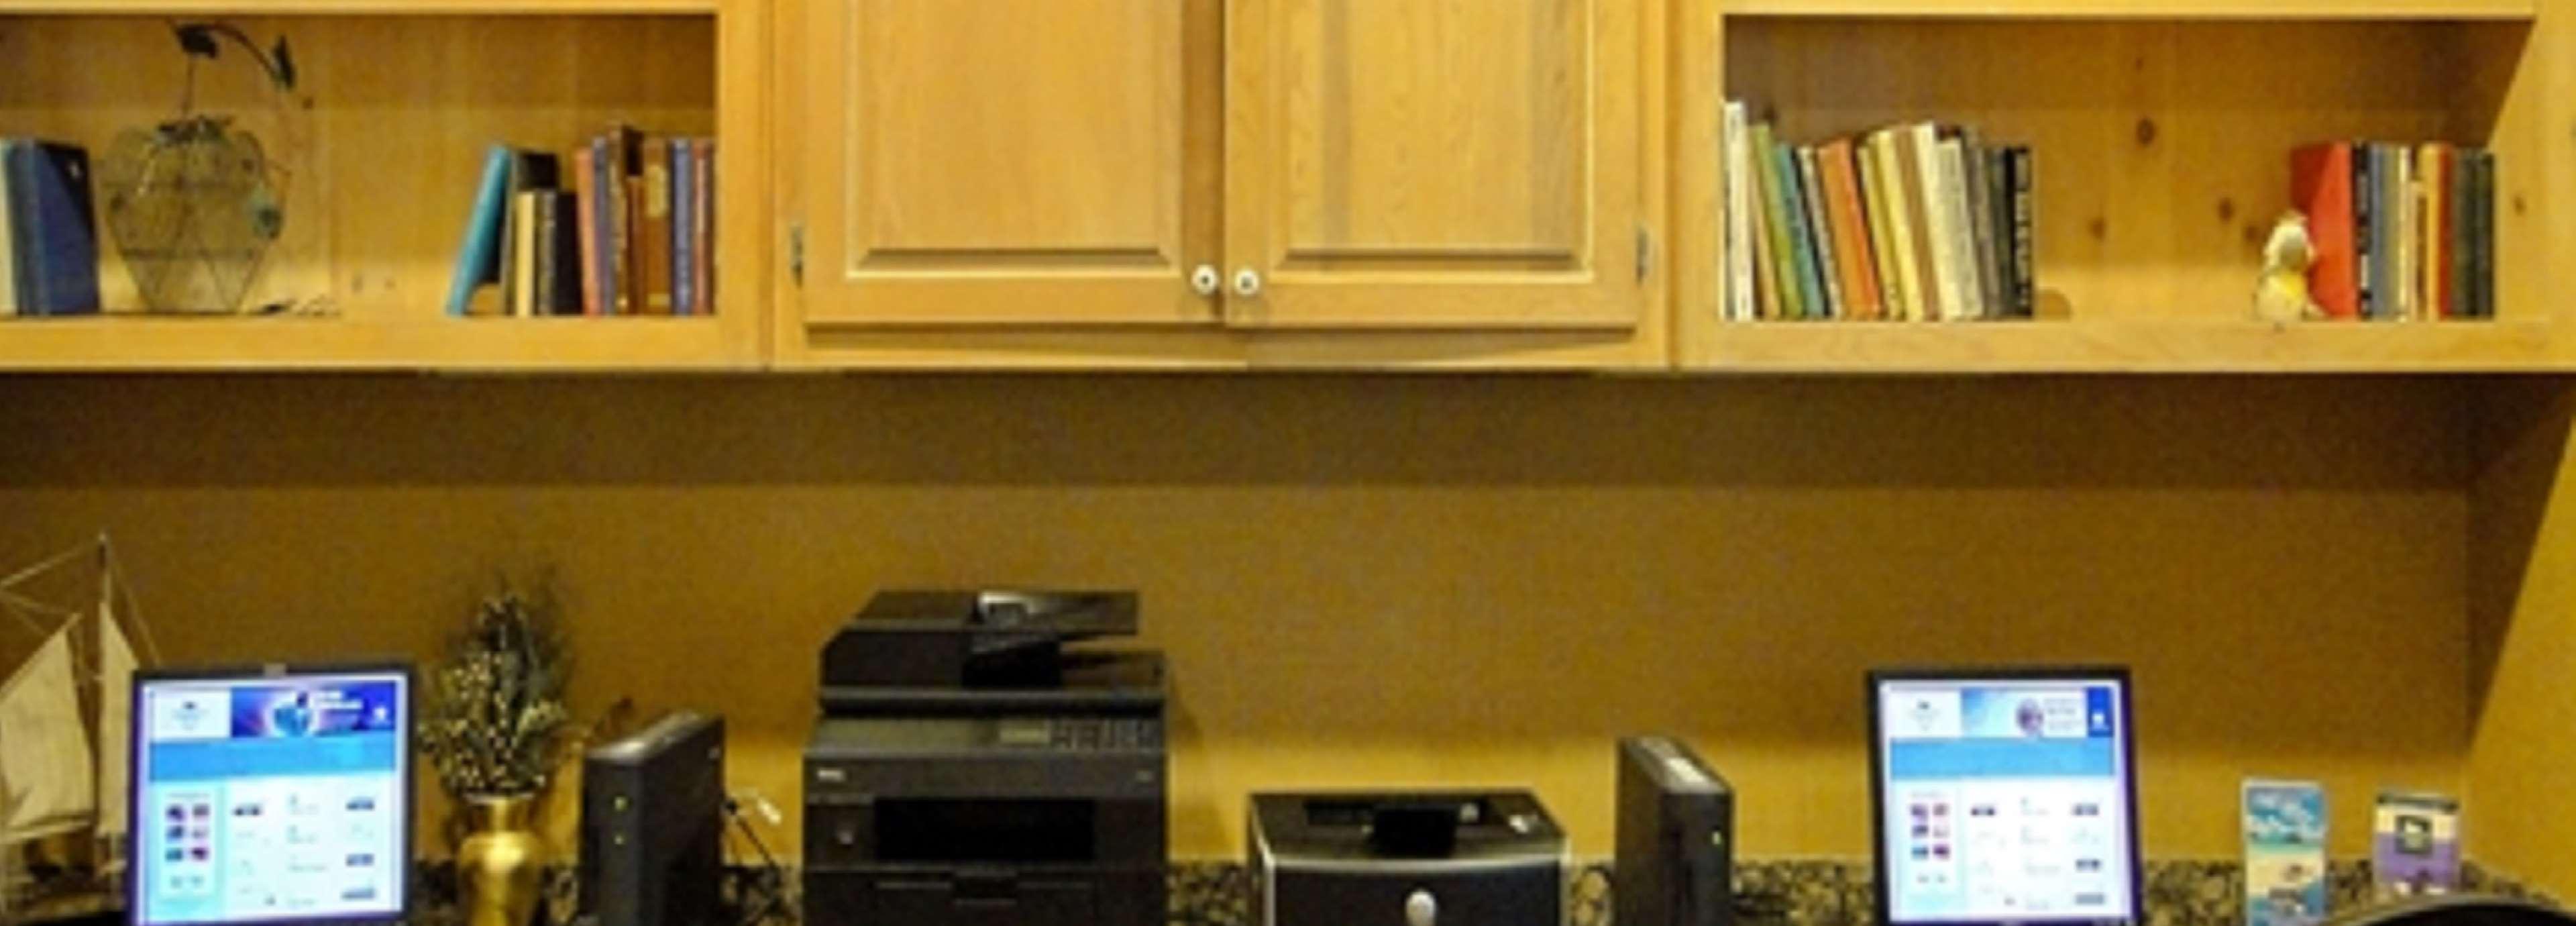 Homewood Suites by Hilton - Boulder image 35